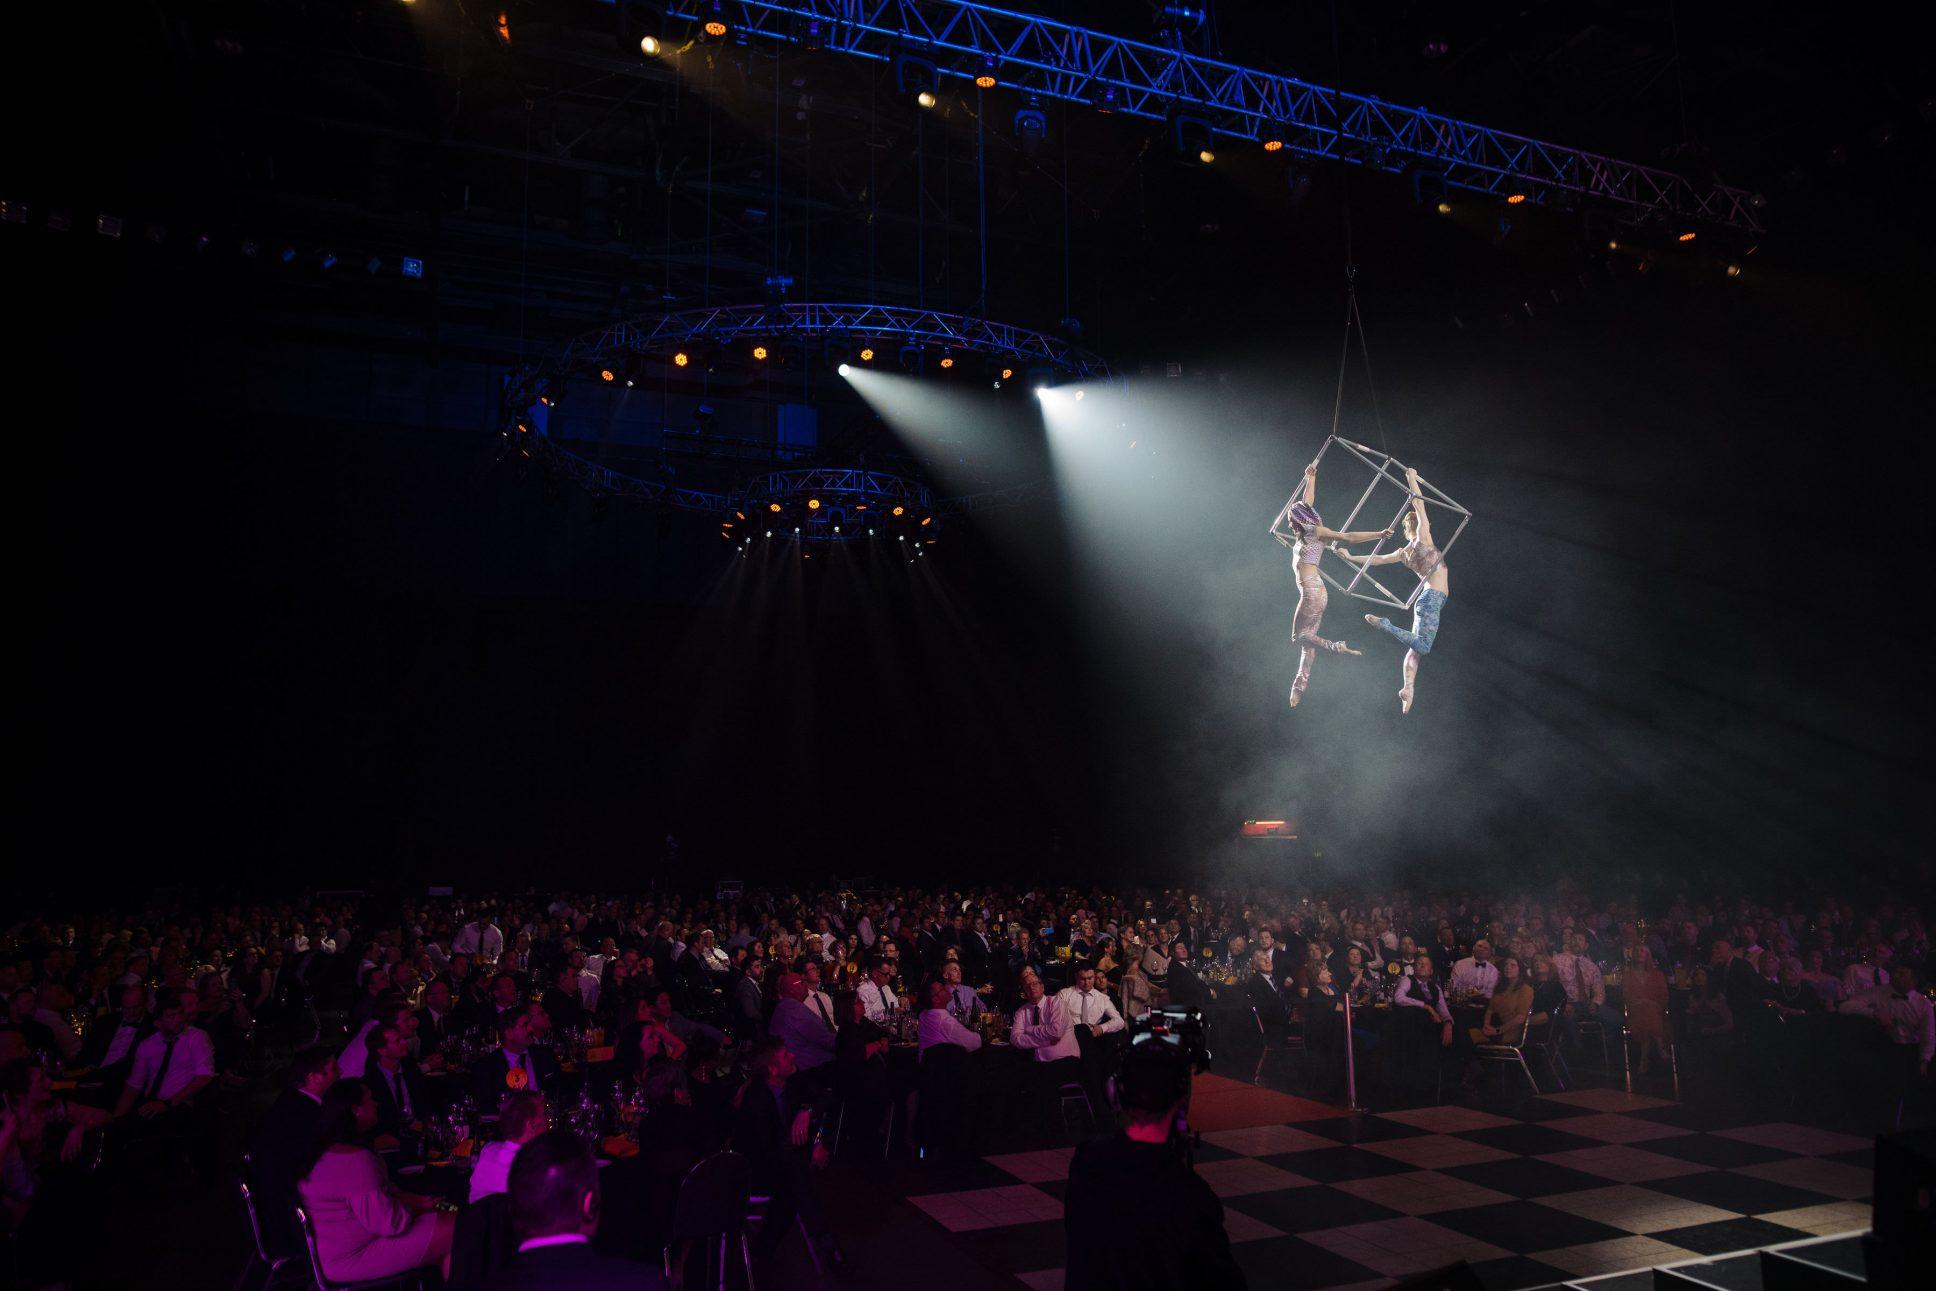 Venue Auckland Spark Arena event.